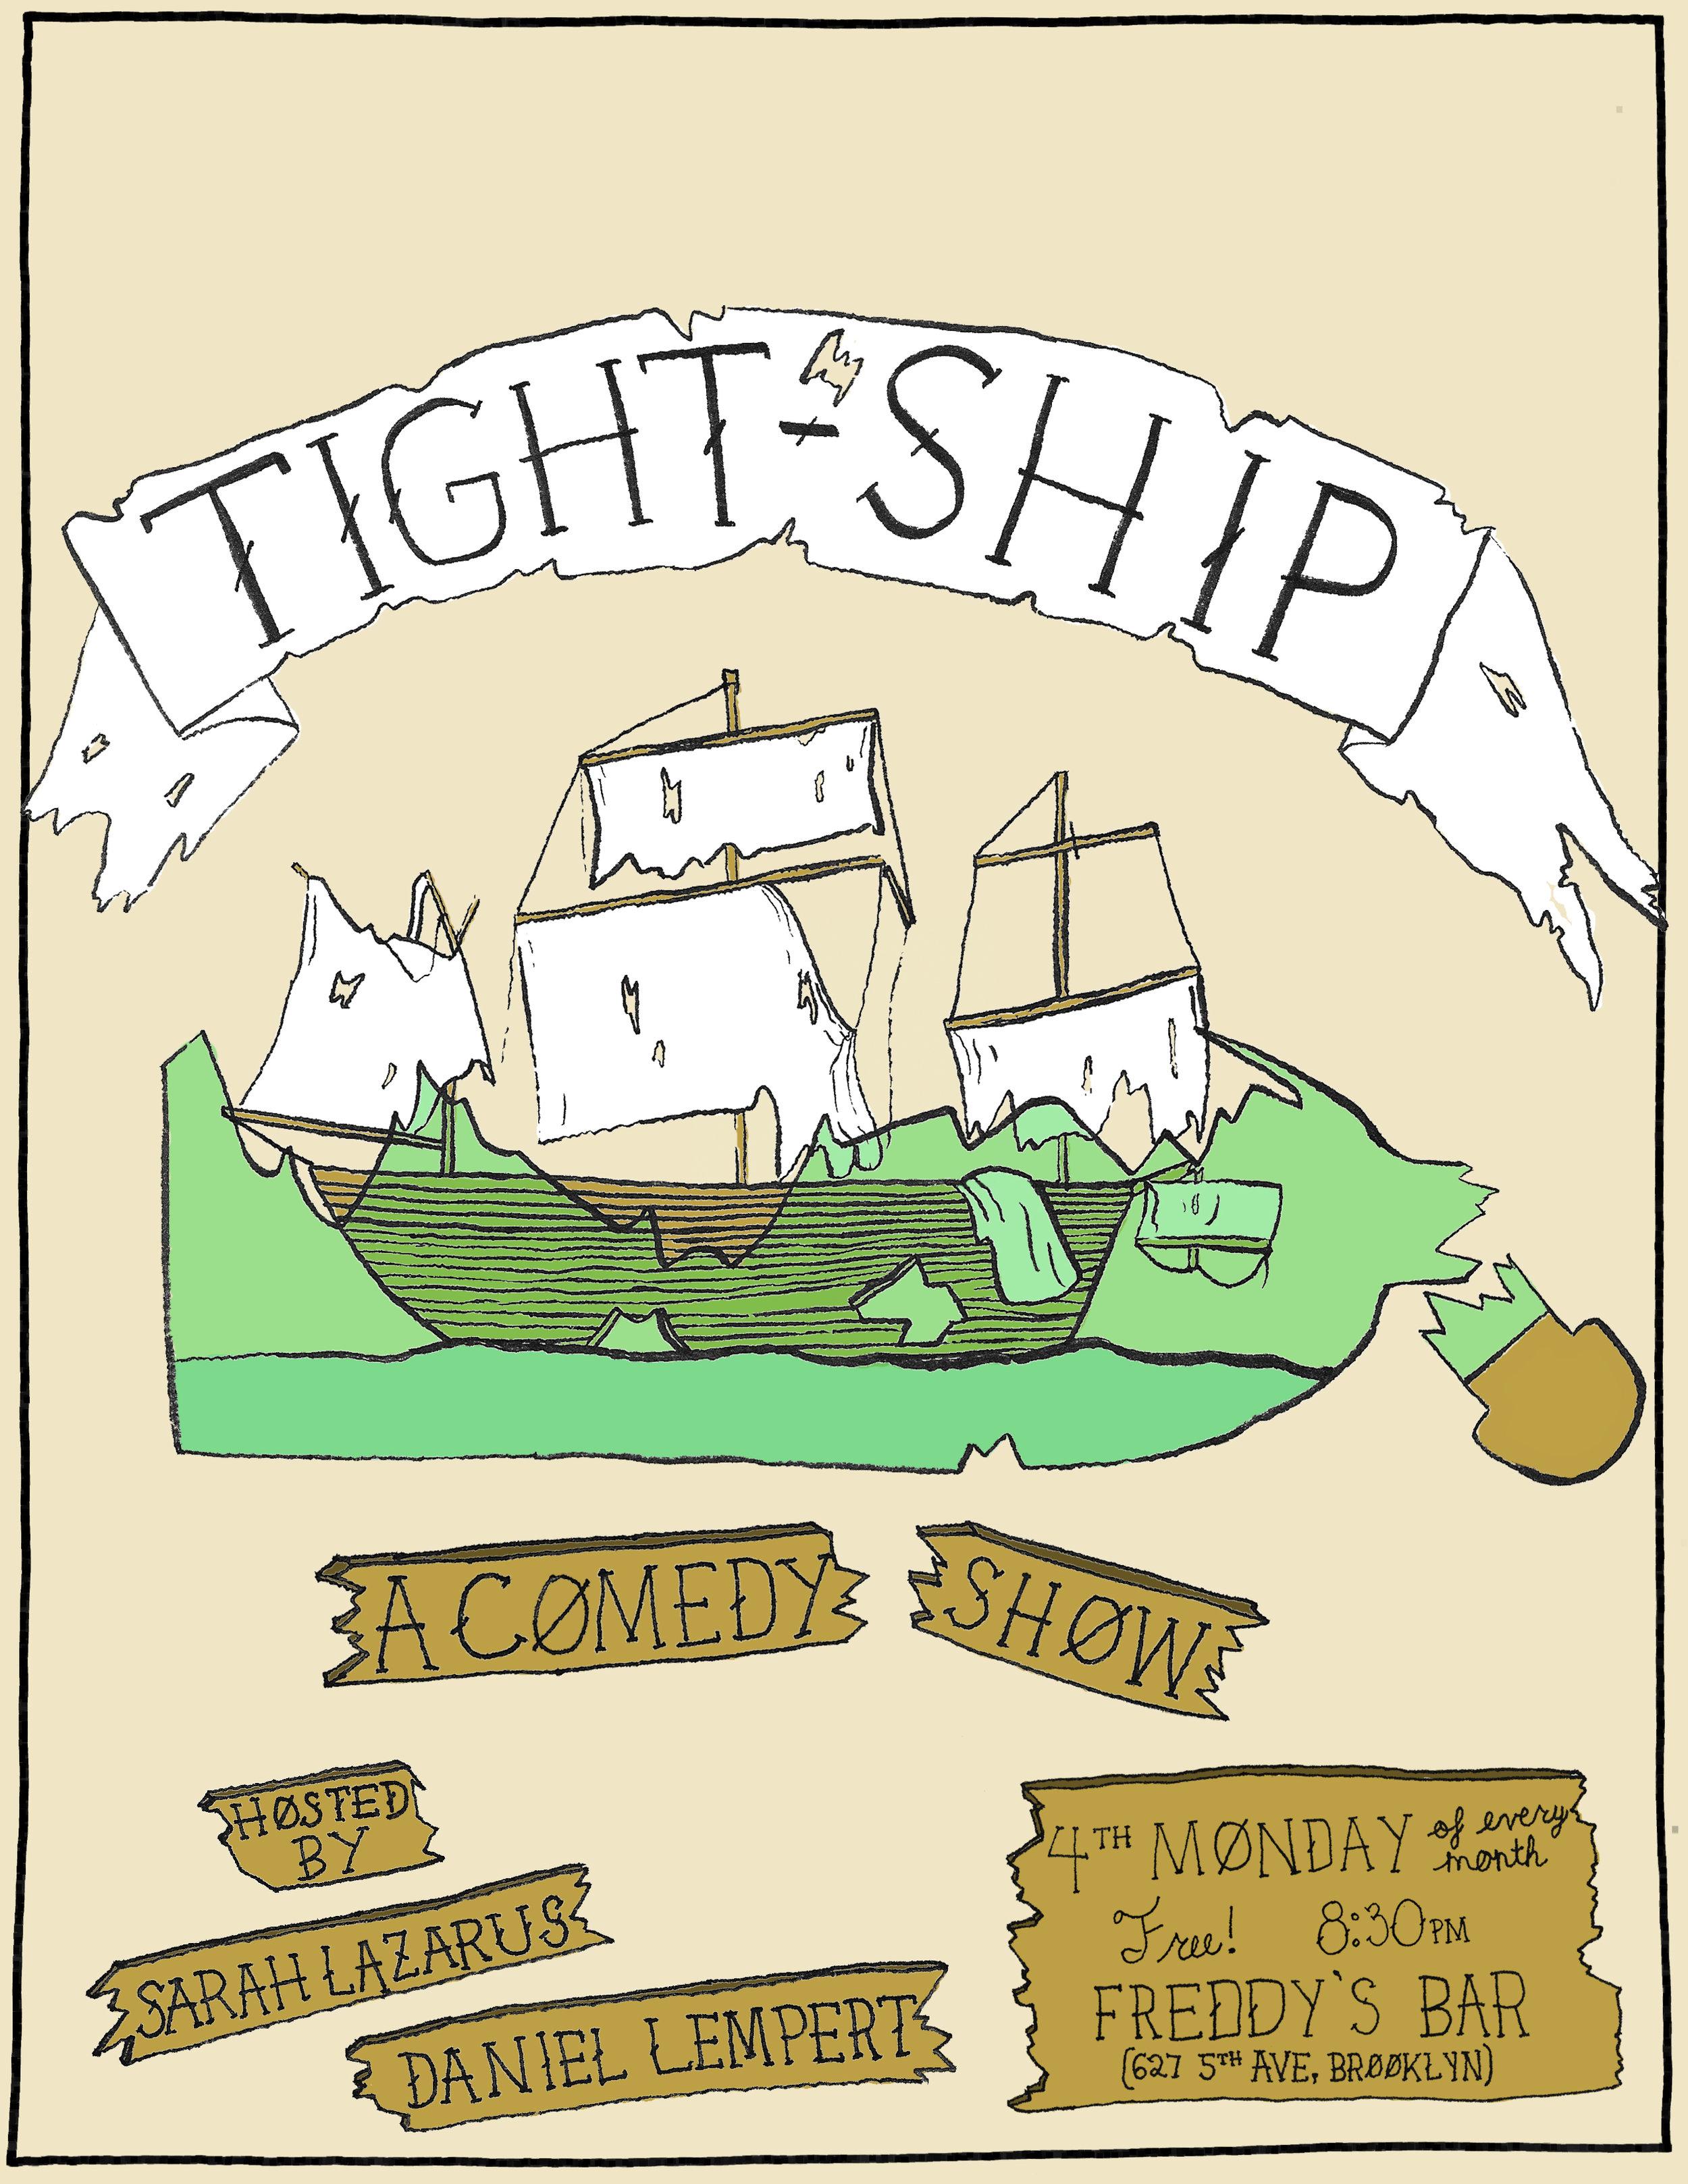 Tight Ship_info_v2.jpg